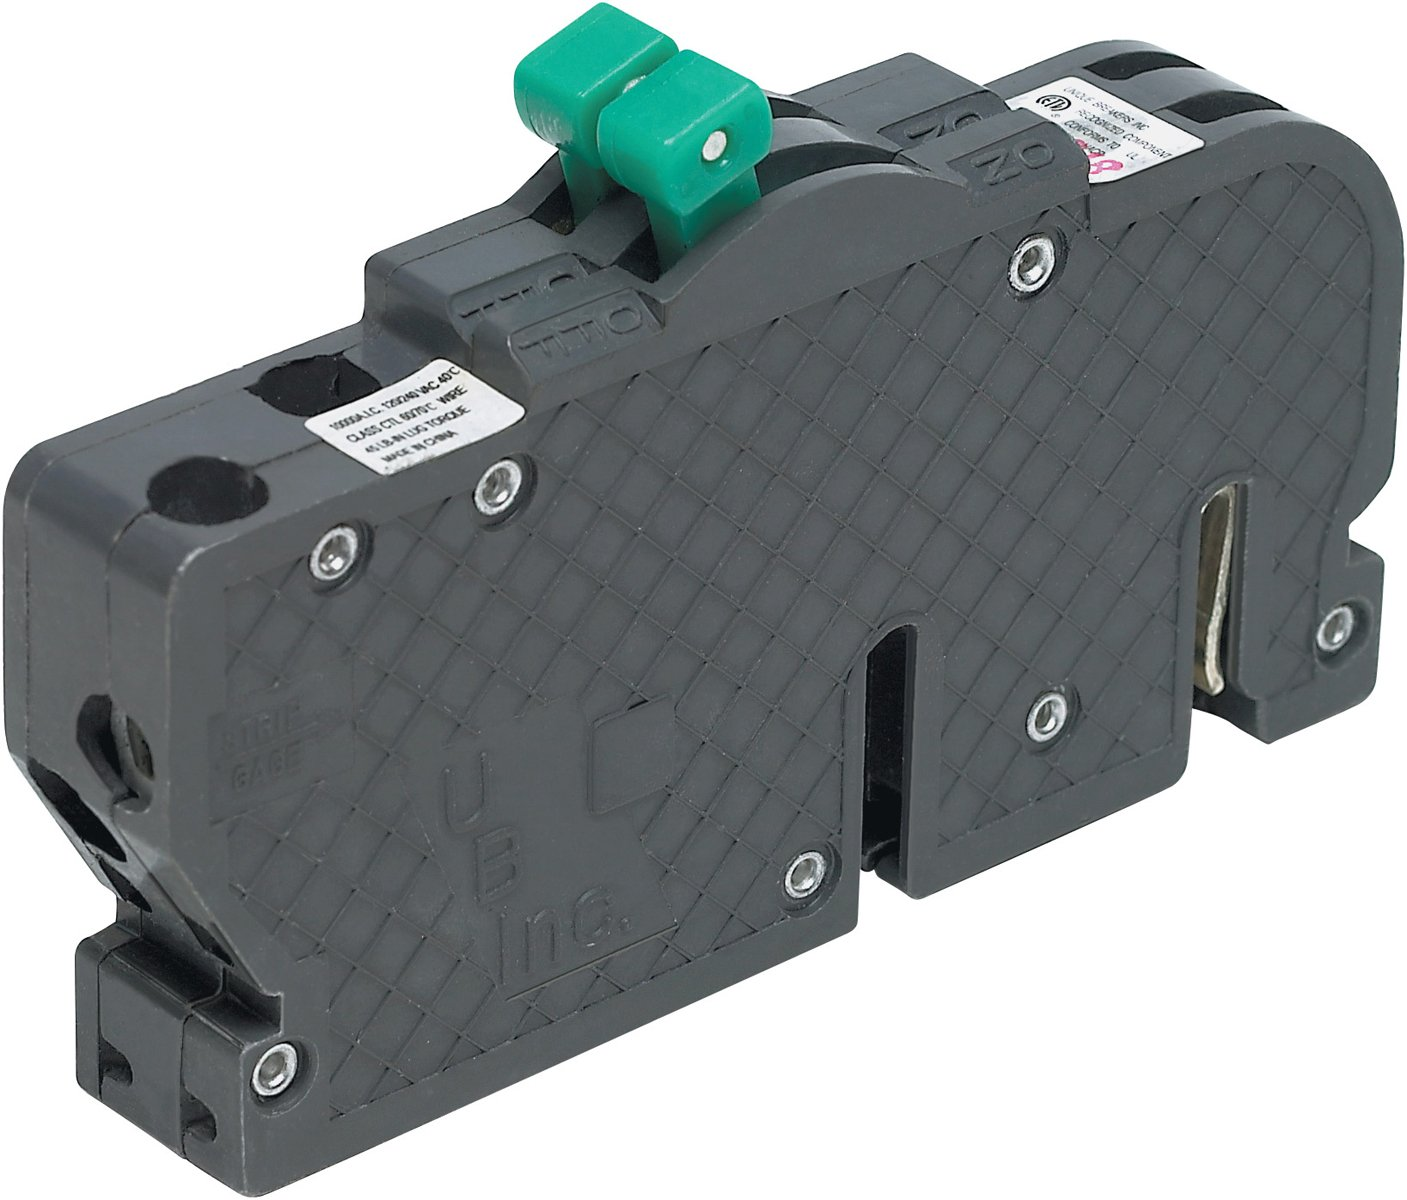 Amazon.com: UBIZ0220-New Zinsco RC3820 Replacement. Two Pole 20 Amp ...